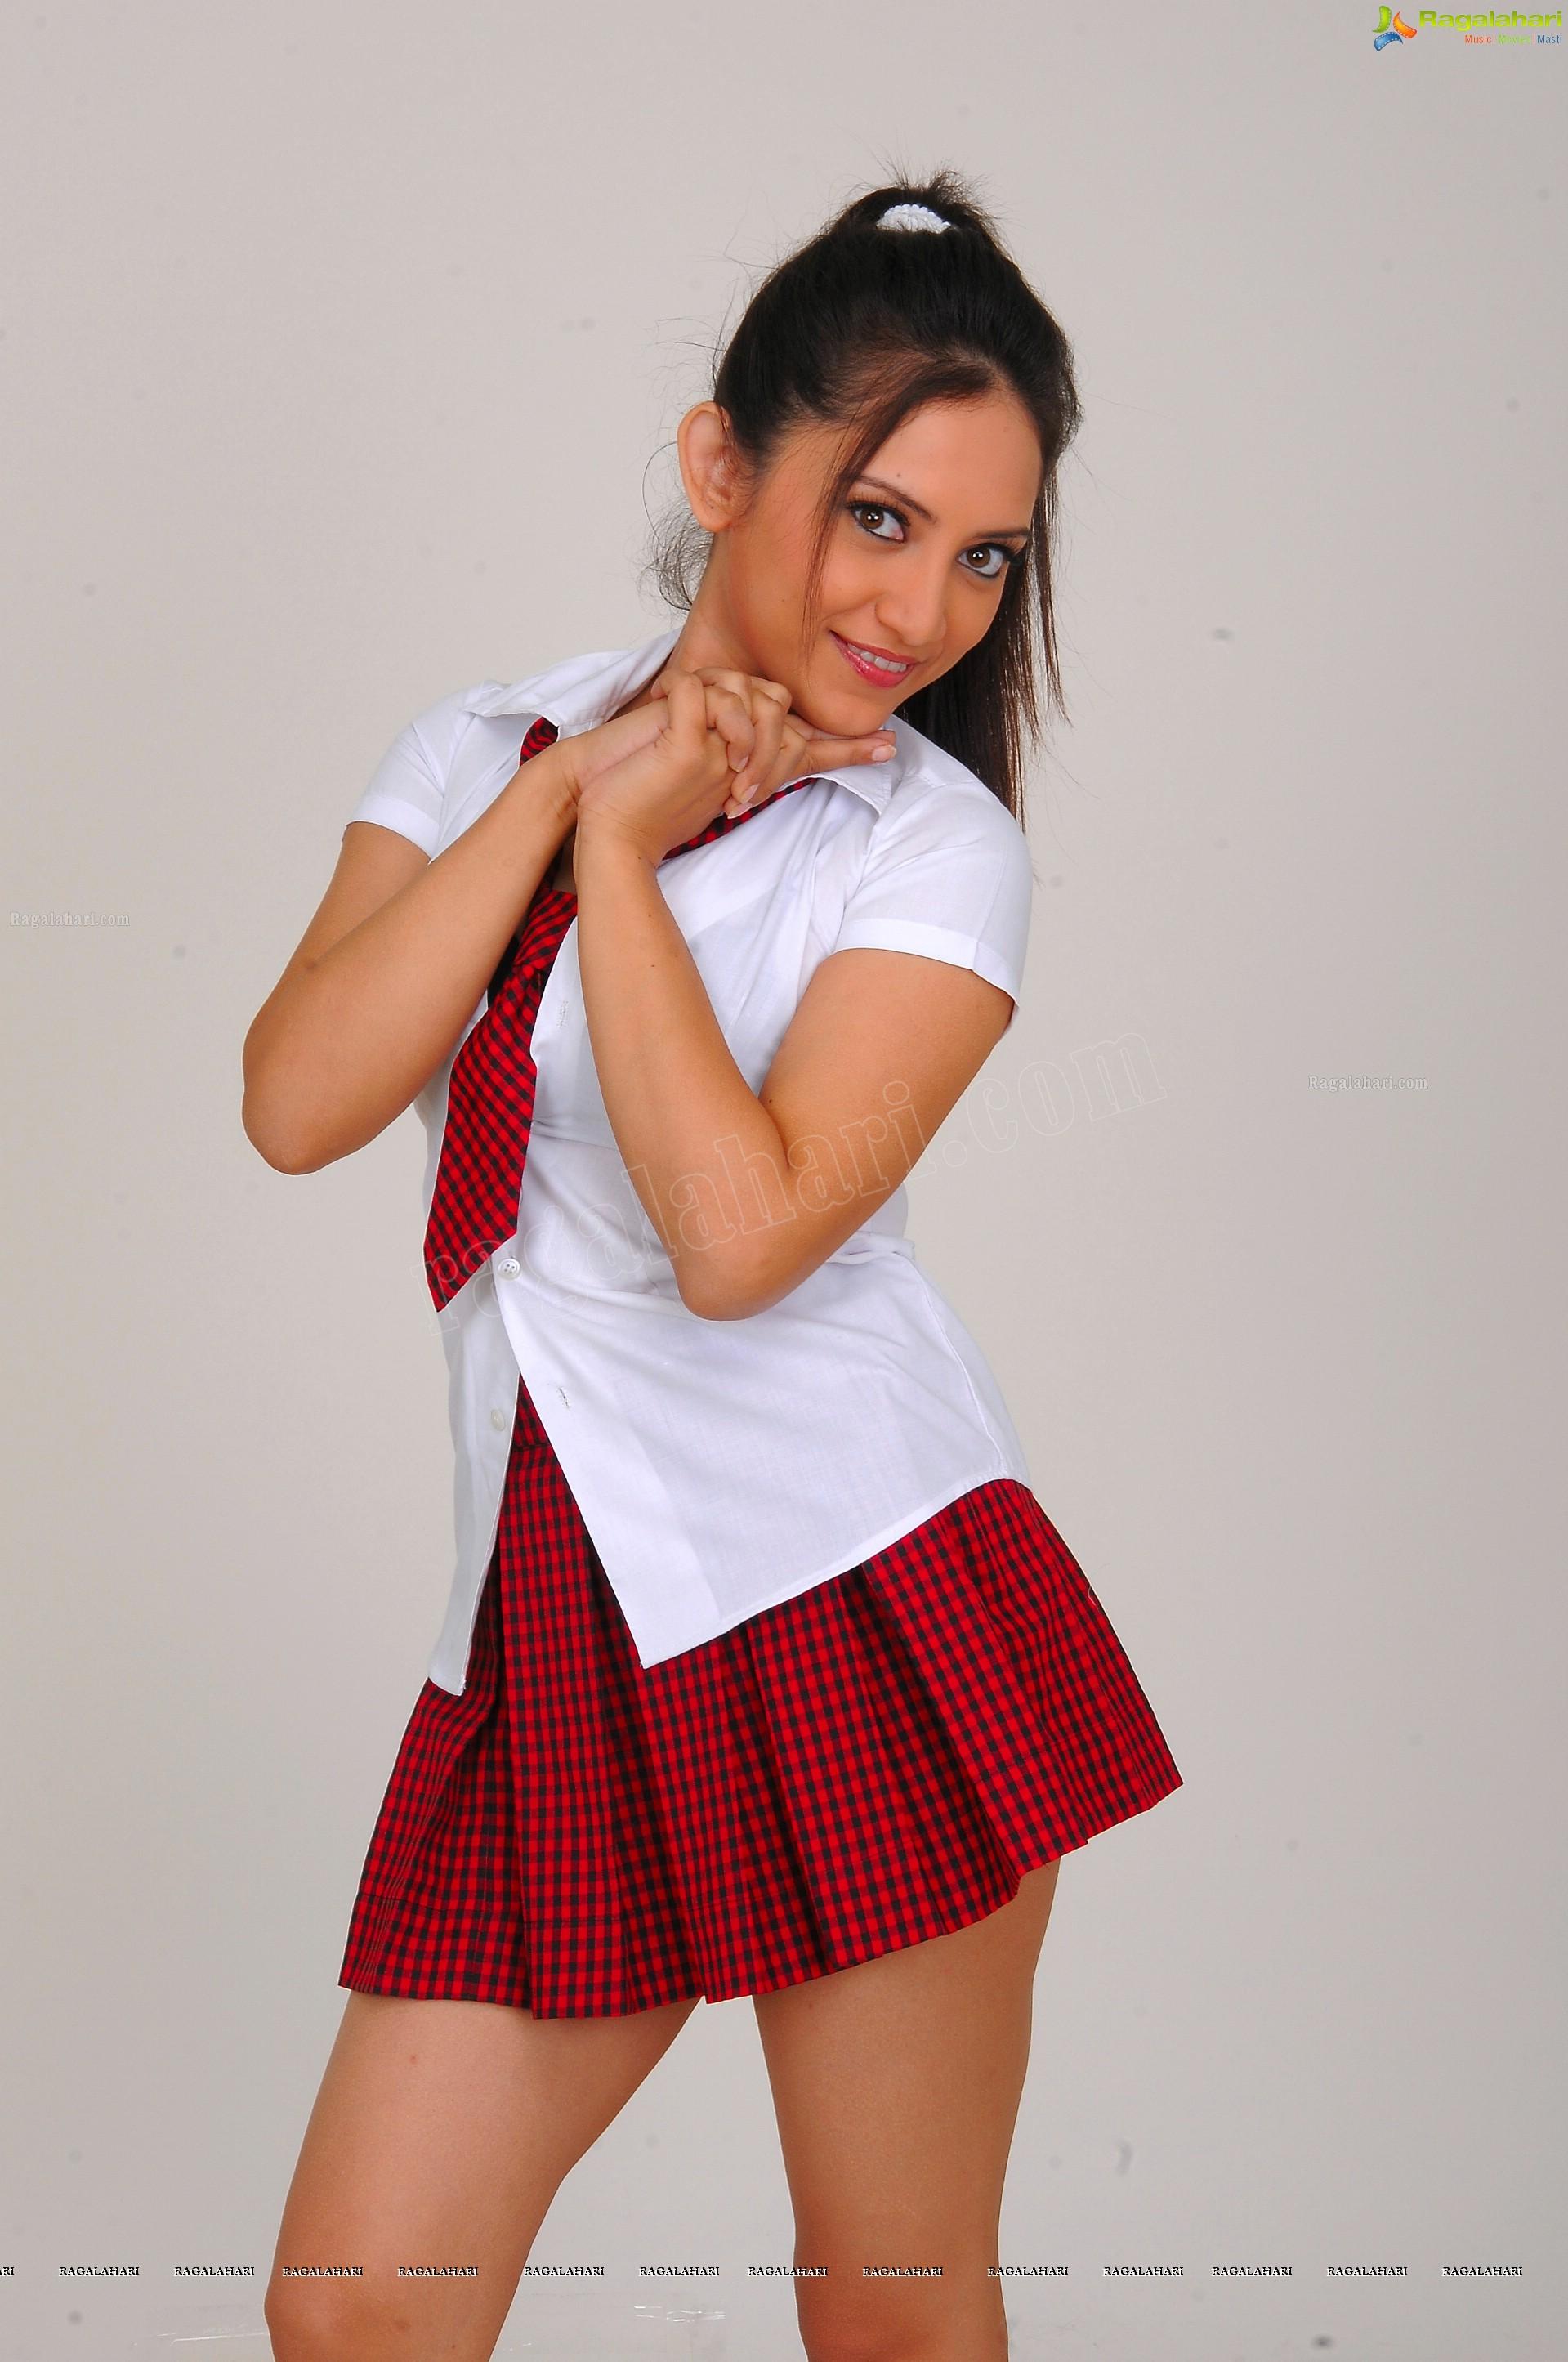 http://img.raagalahari.com/june2013/hd/telugu-heroine-leesa/telugu-heroine-leesa49.jpg